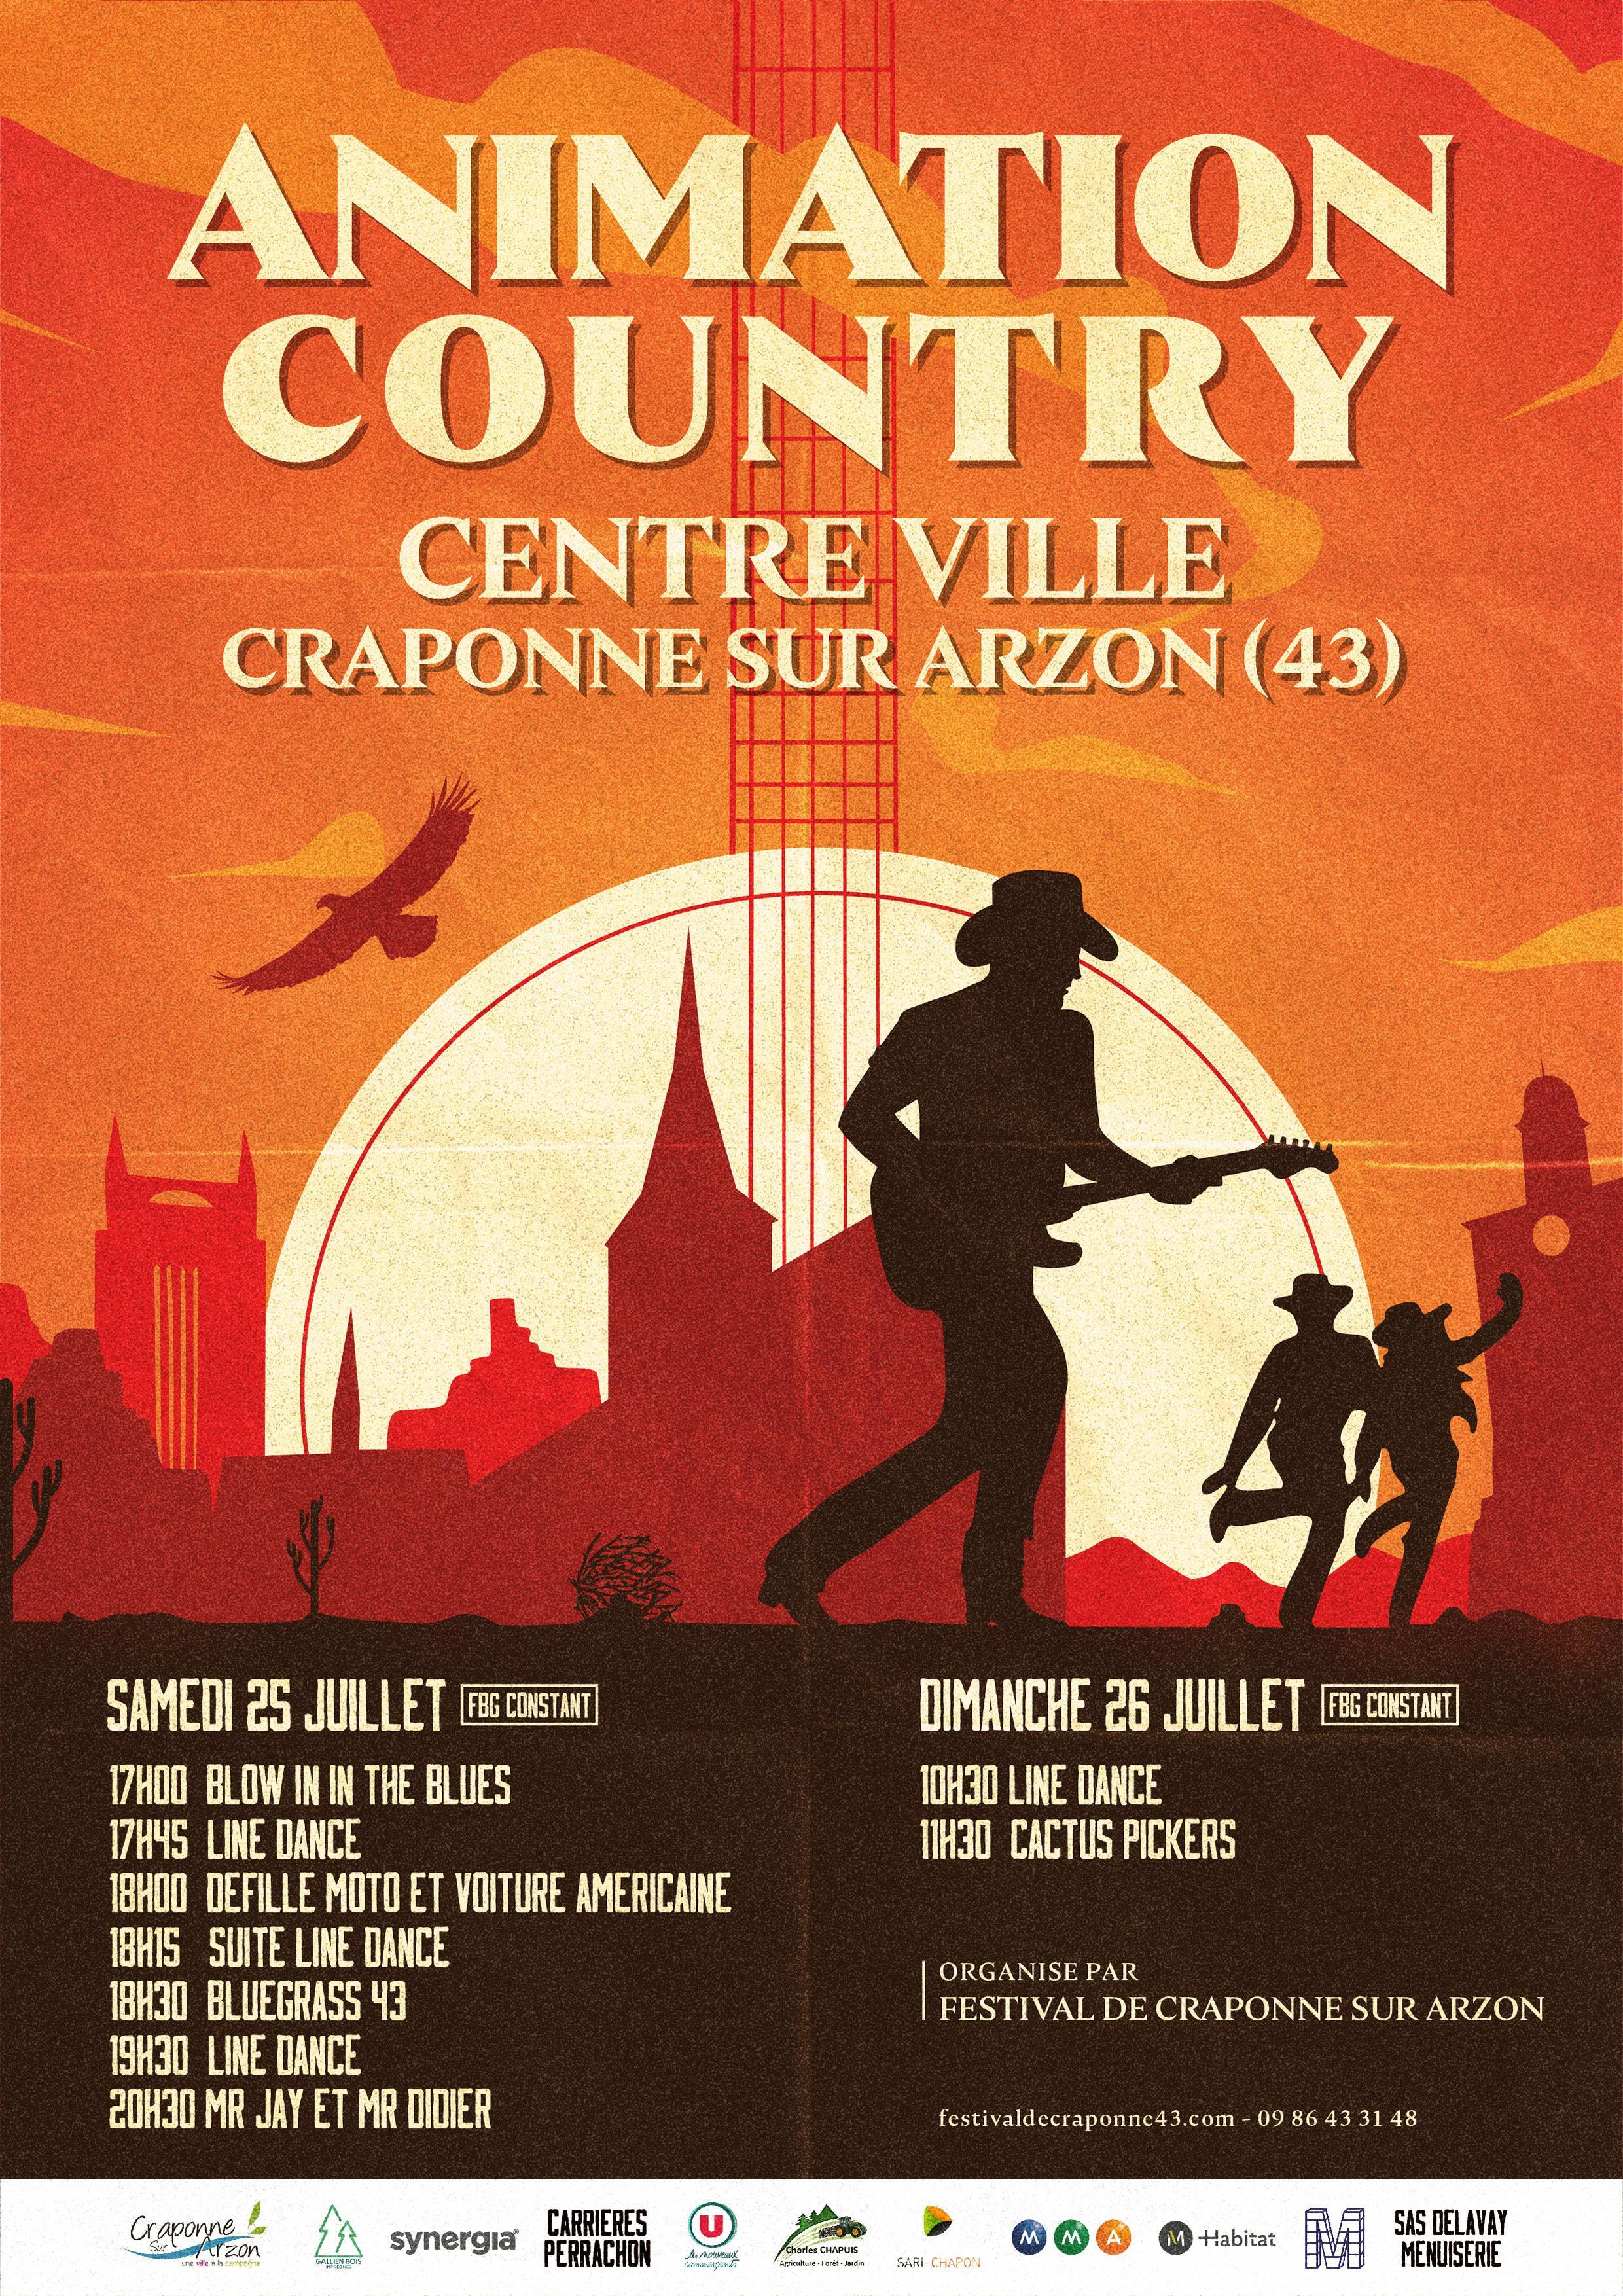 animation country centre ville craponne samedi 25/07/20 a partir de 17hau 26/07/20 a partir de 10h30